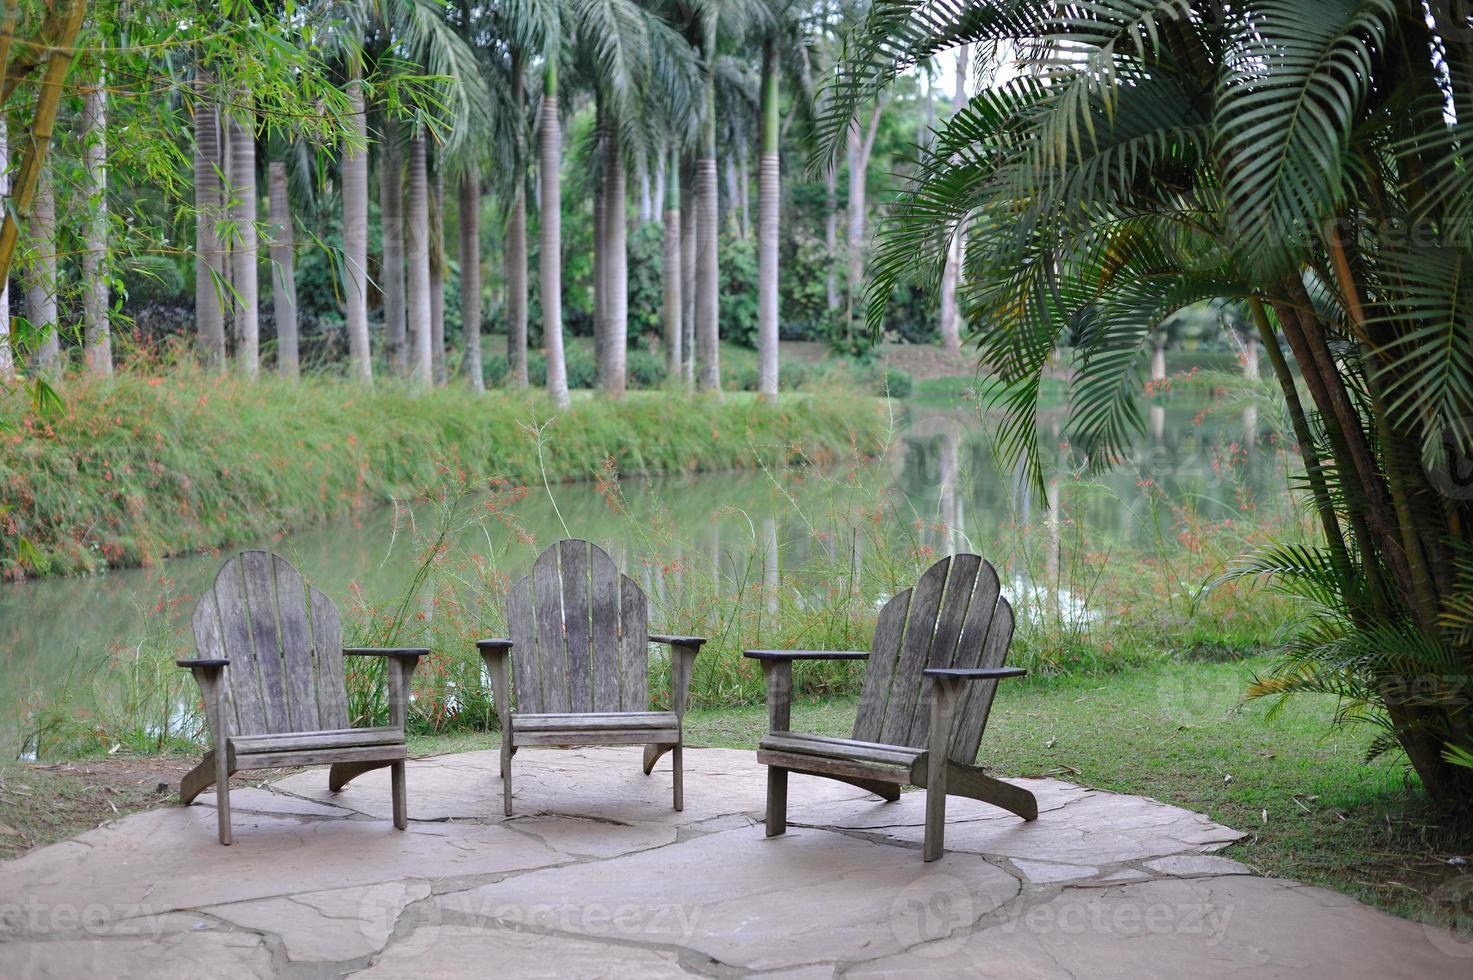 sittande hörn i en brasiliansk park foto